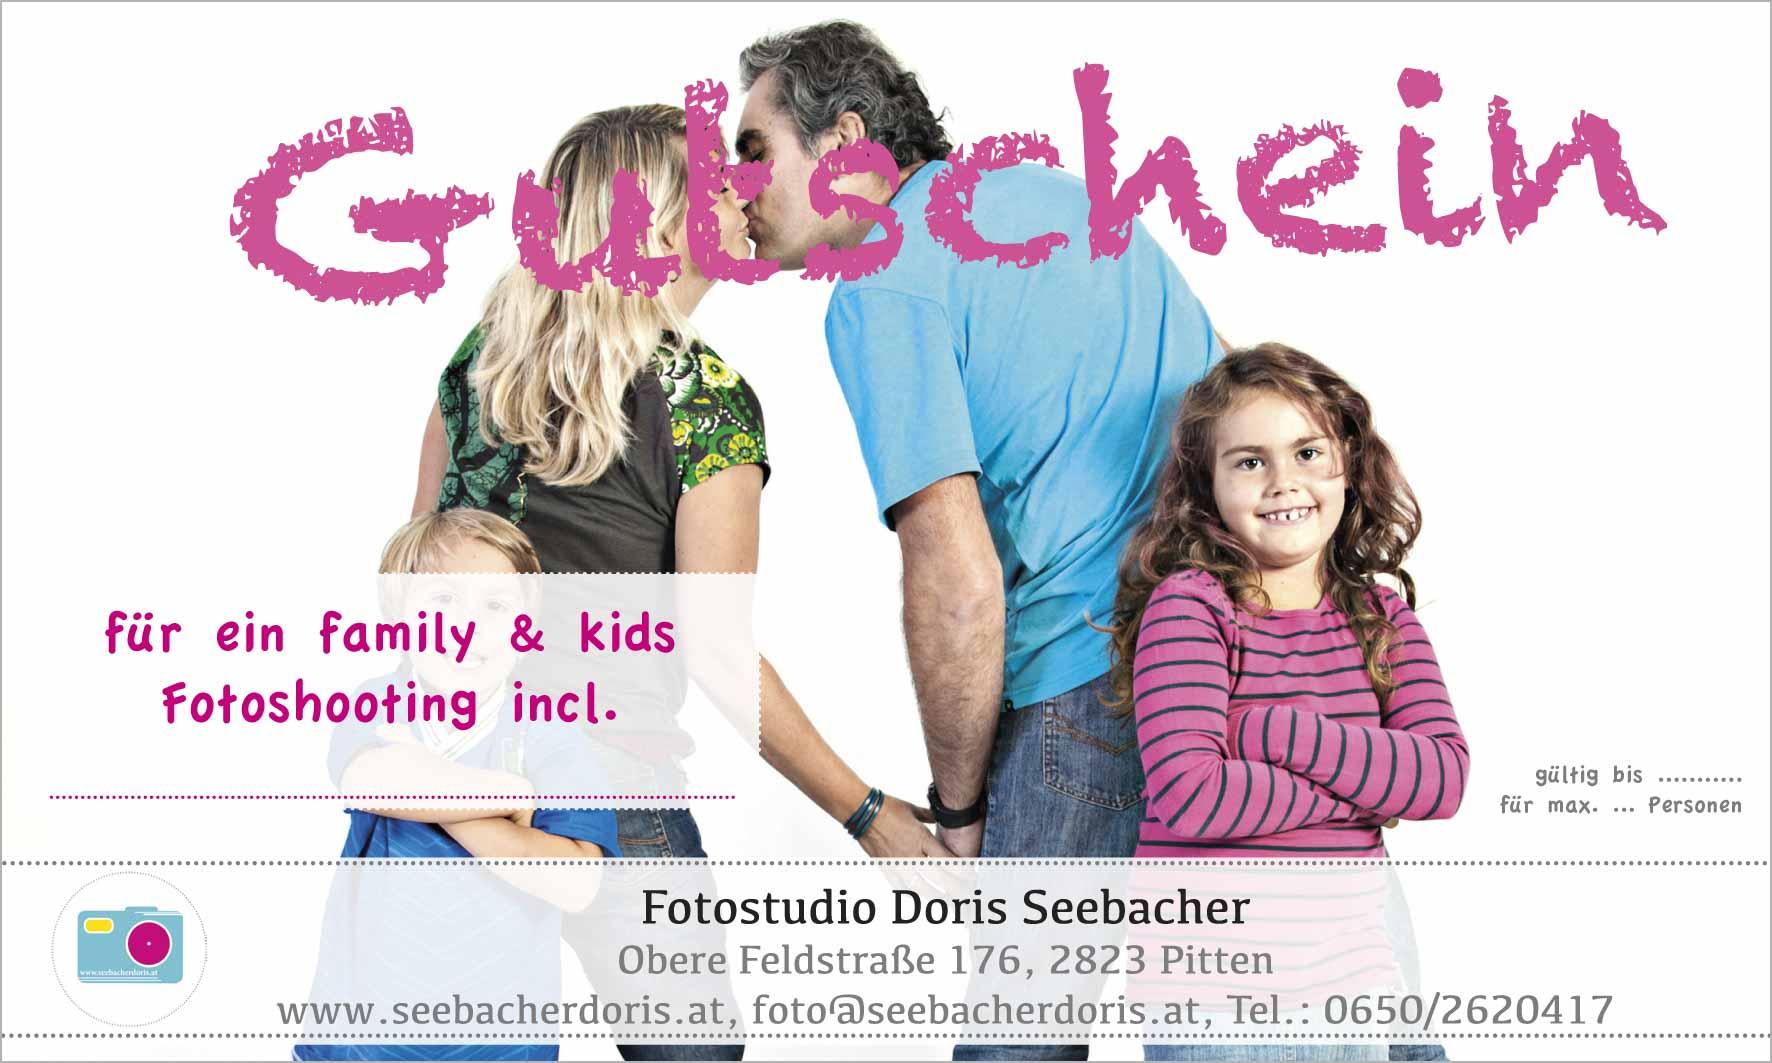 Ja zu A - Pitten - RiS-Kommunal - Home - Freizeit & Vereine